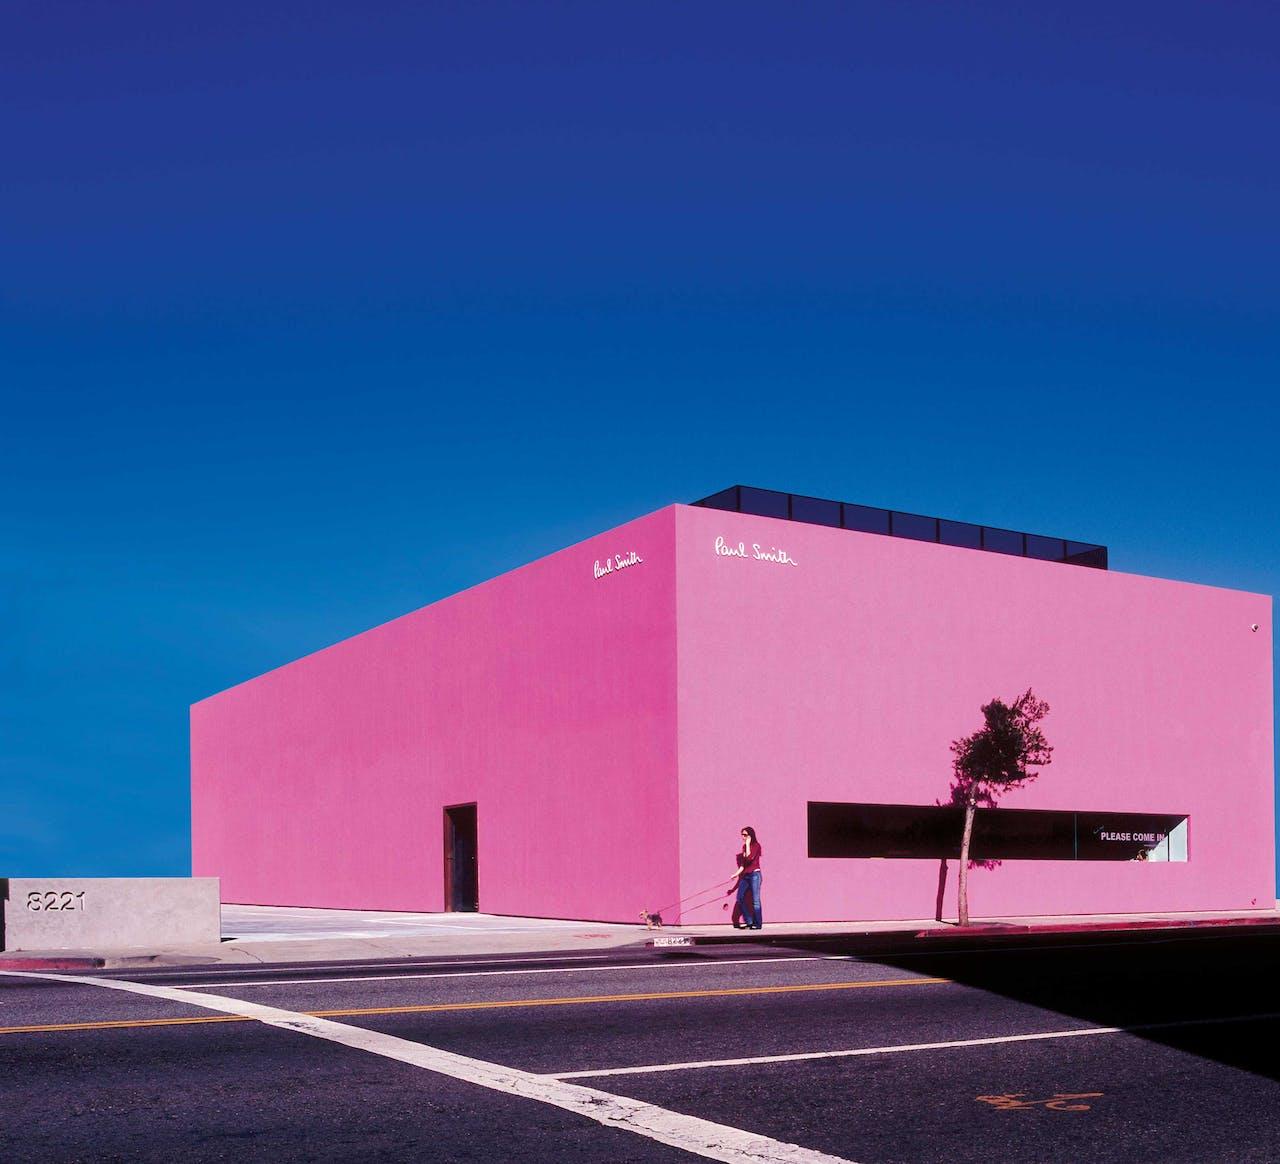 De winkel van Paul Smith aan Melrose Avenue in Los Angeles is geïnspireerd op het werk van de Mexicaan Luis Barragán.